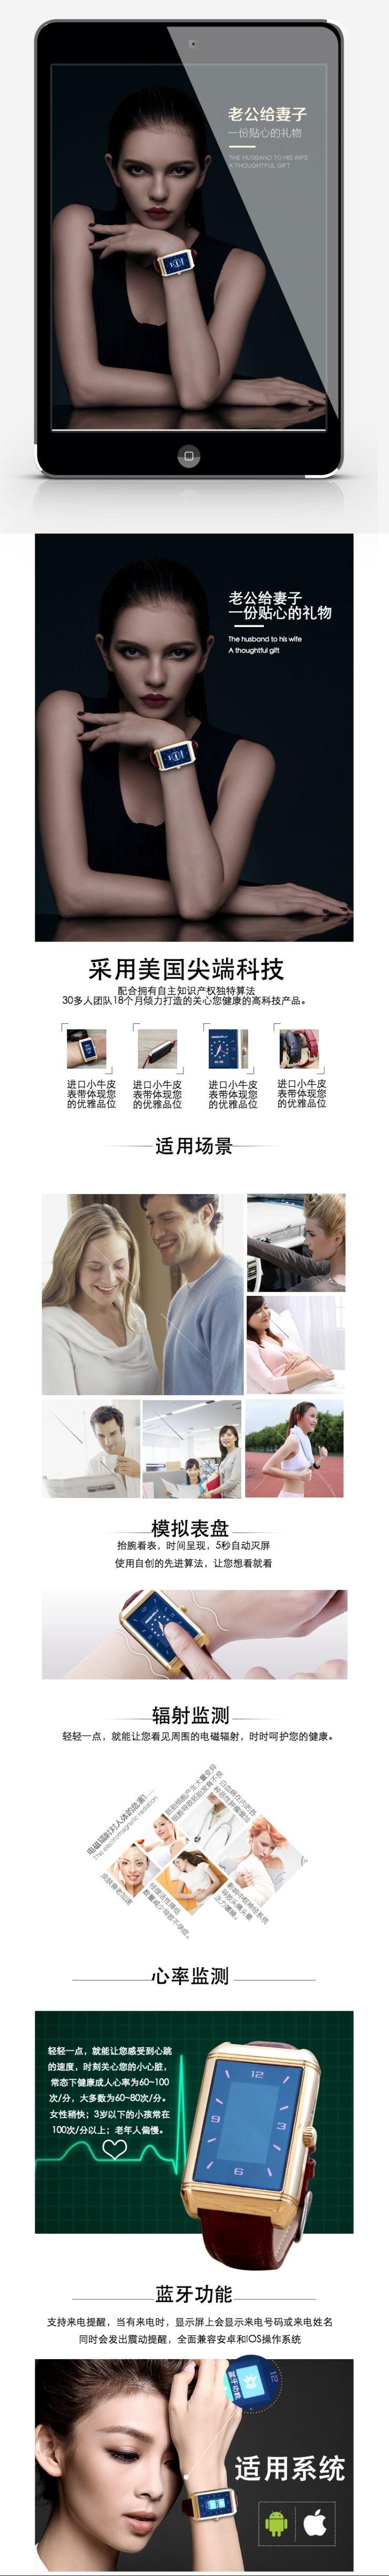 白色简约时尚电商手表宣传营销宝贝详情